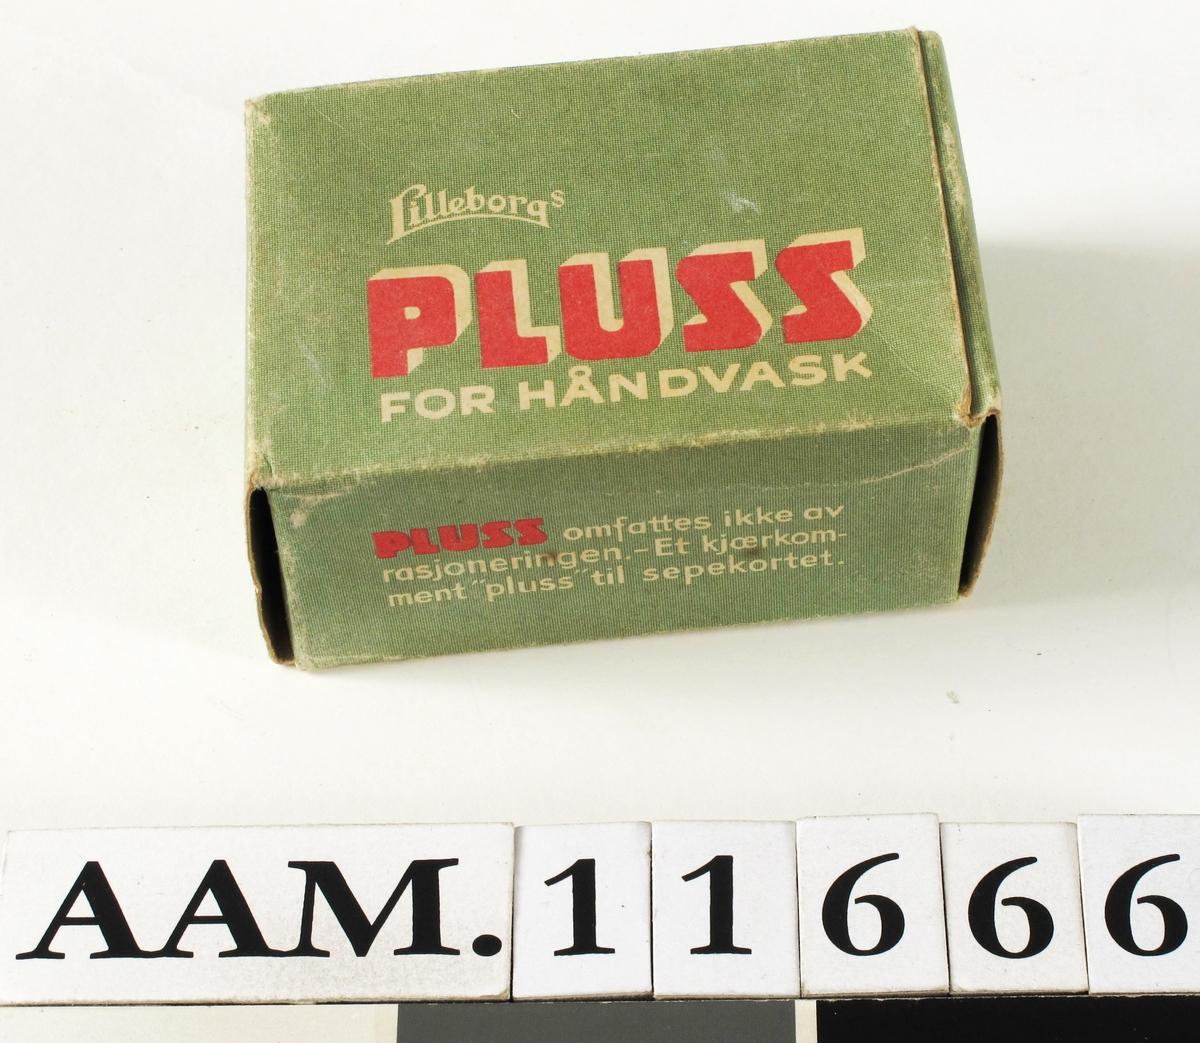 Erstatningssepe, fra slutten av krigen 1940-45.  skurepuiveraktig sepe i lysgrønn eske. Rektang. hvitt sandkornet sepe,  tekst på esken.     Tilstand: den ene ødelagt i lukningen, de andre  utmerket.